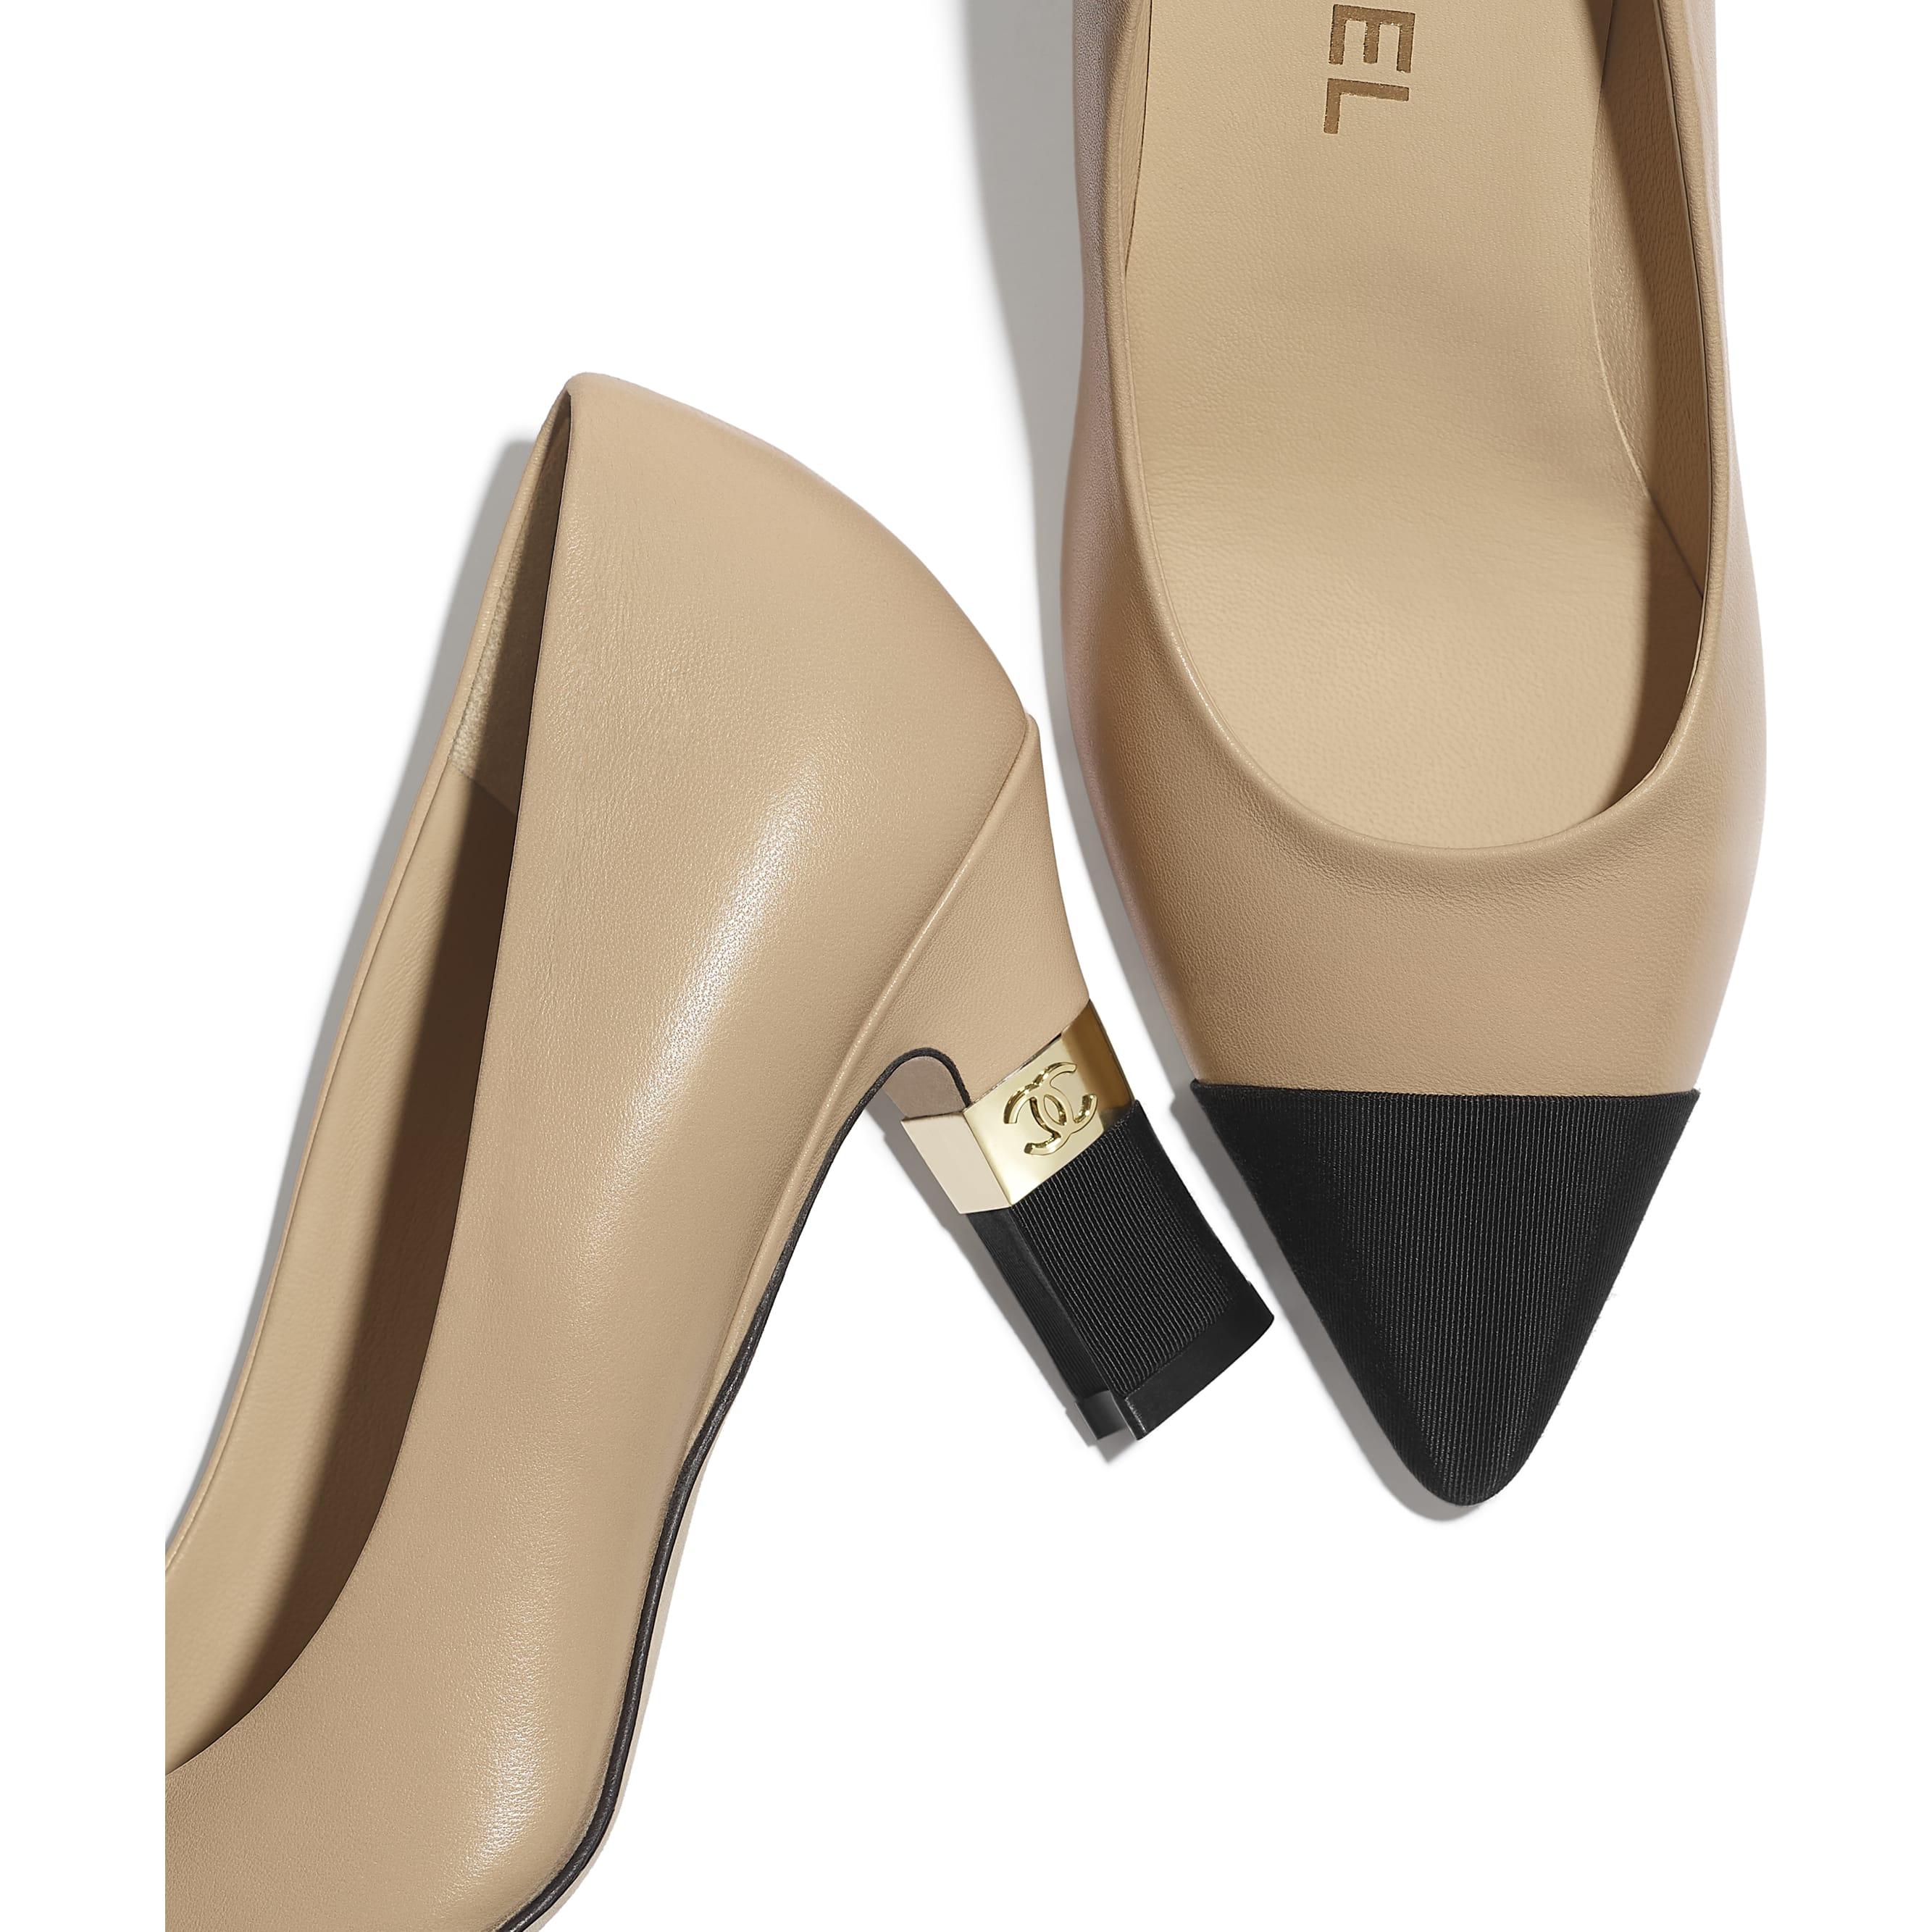 รองเท้าส้นสูงหุ้มส้น - สีเบจและสีดำ - หนังแกะและผ้าโกรเกรน - มุมมองพิเศษ - ดูเวอร์ชันขนาดมาตรฐาน